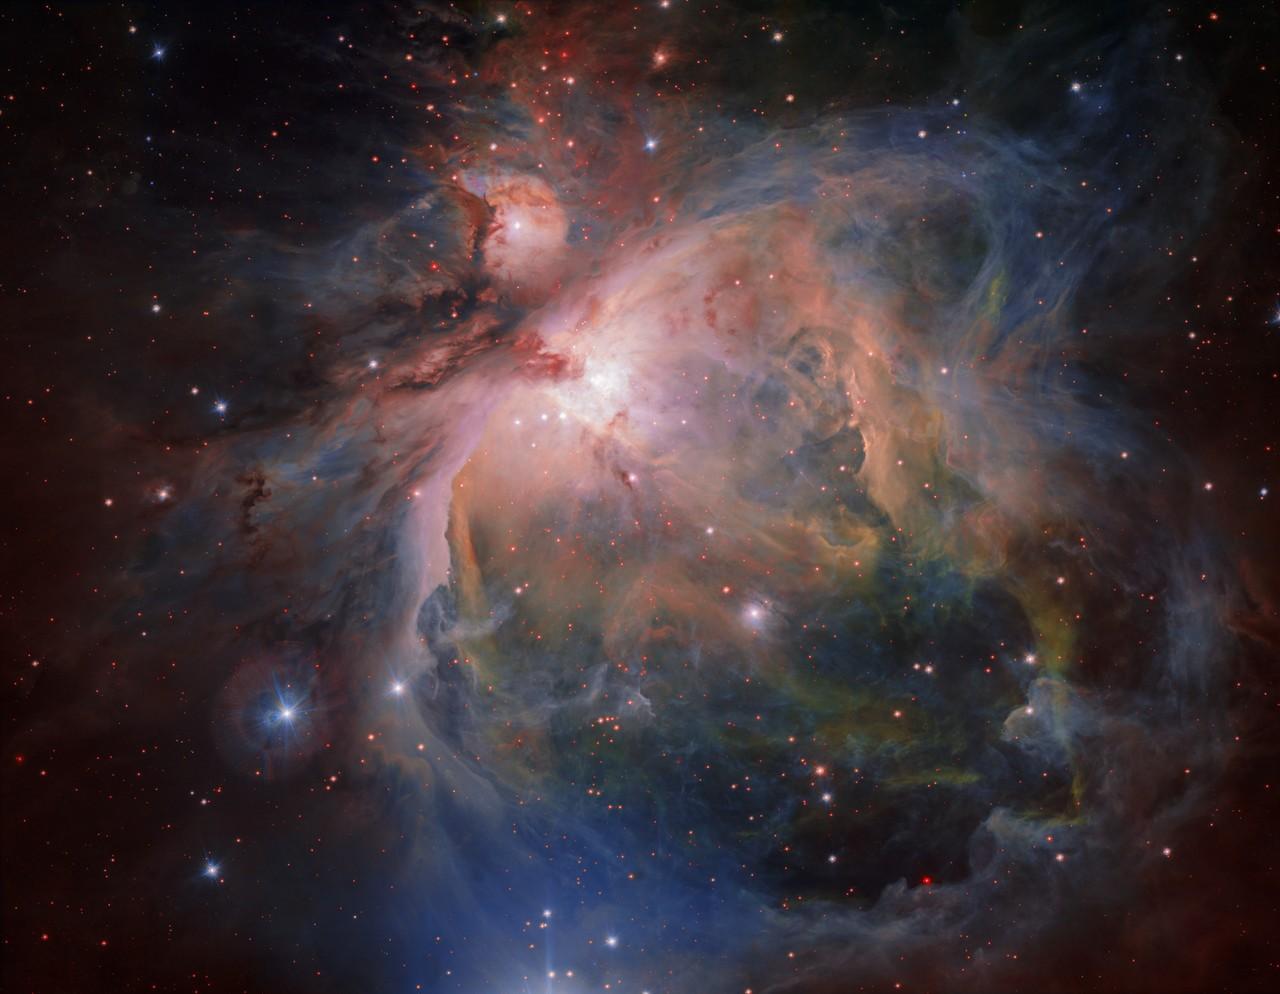 Các loại khí trong tinh vân này còn lạnh hơn cả bản thân vũ trụ